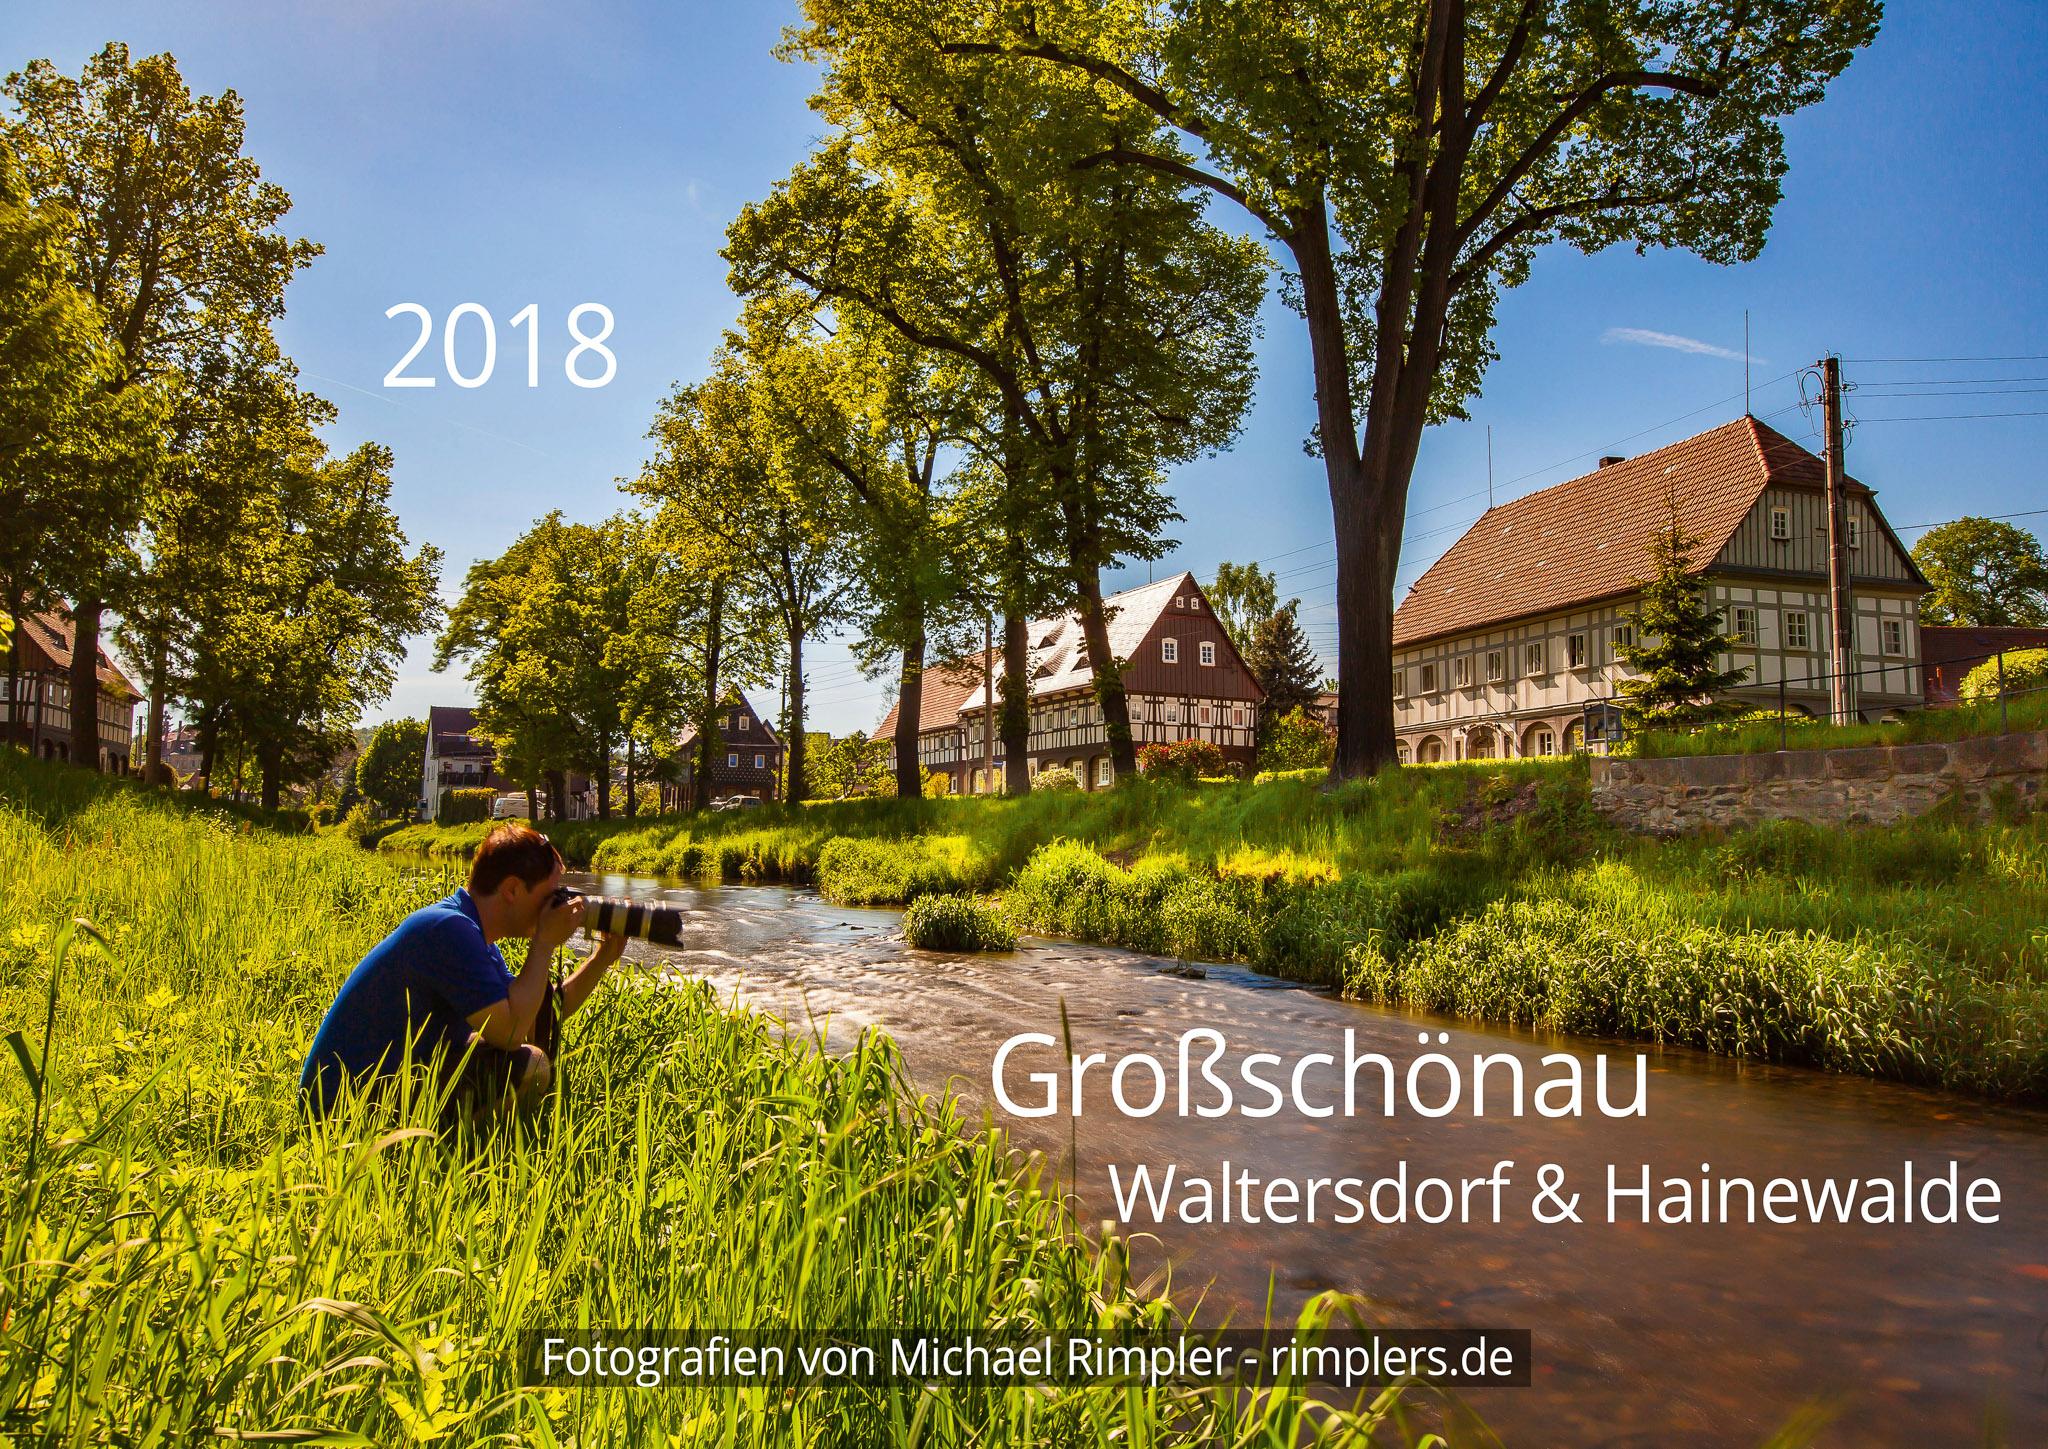 Kalender 2018 – Großschönau, Waltersdorf & Hainewalde